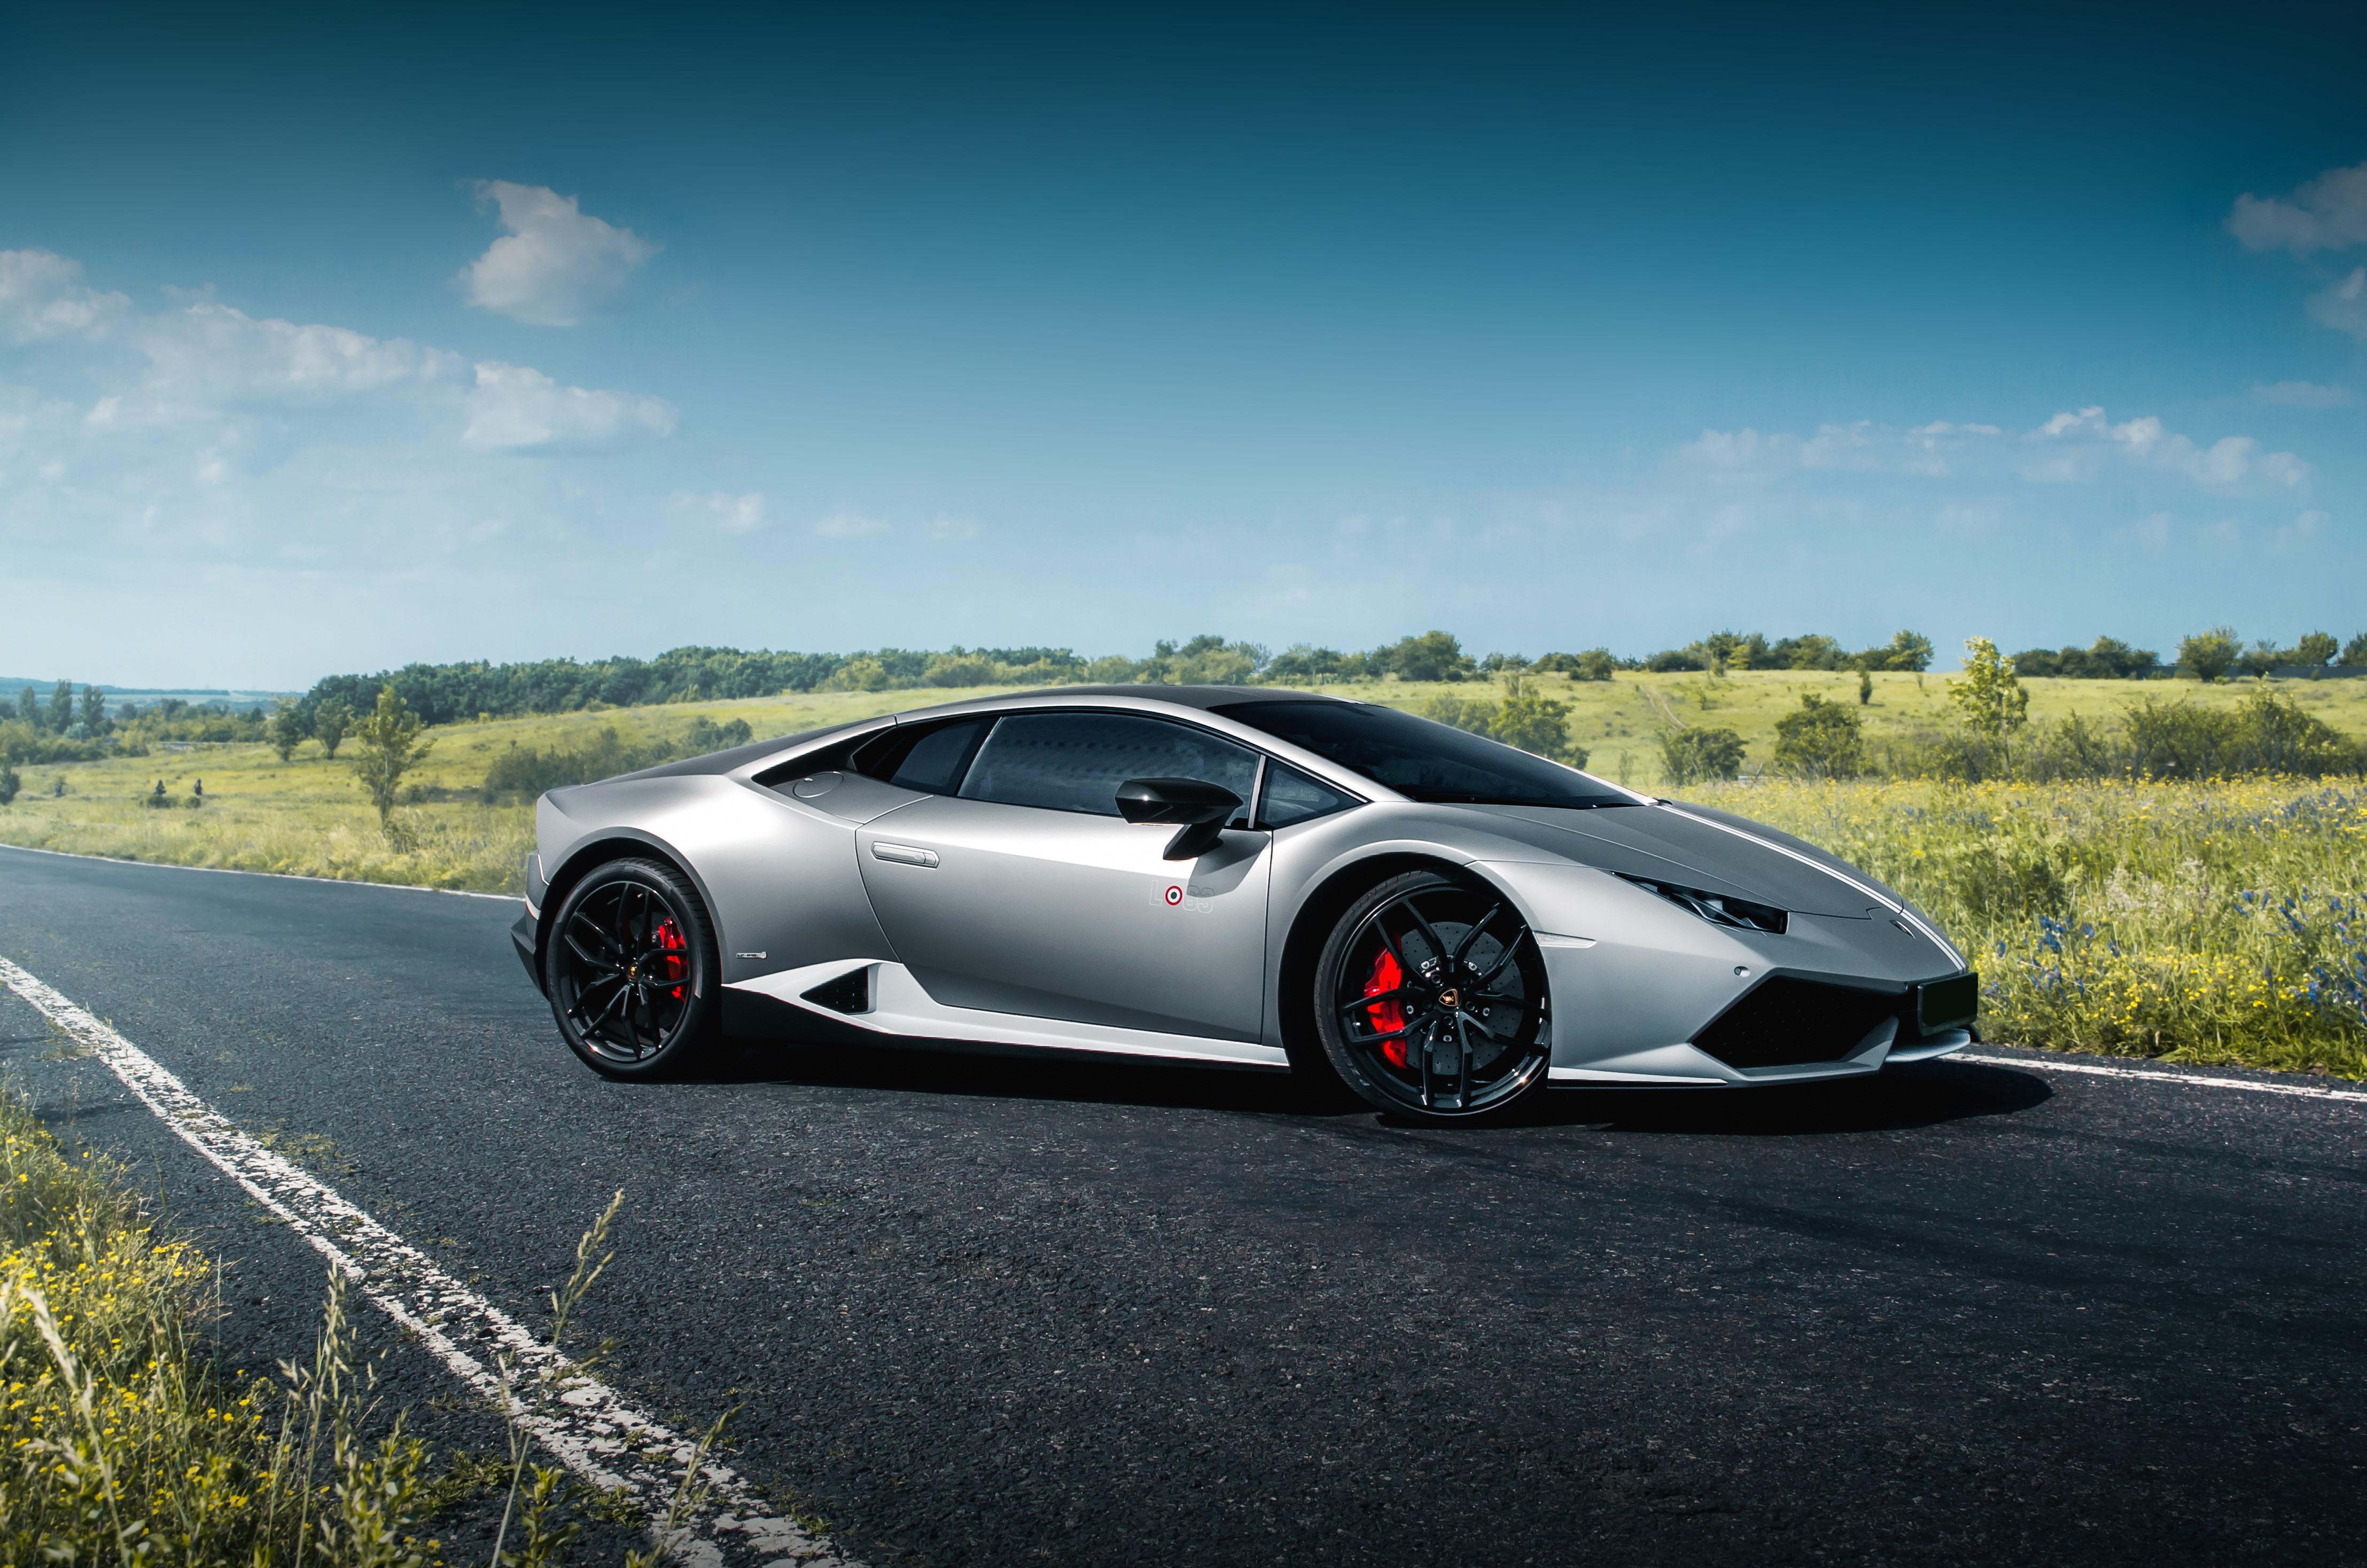 Lamborghini Huracan Grau mieten